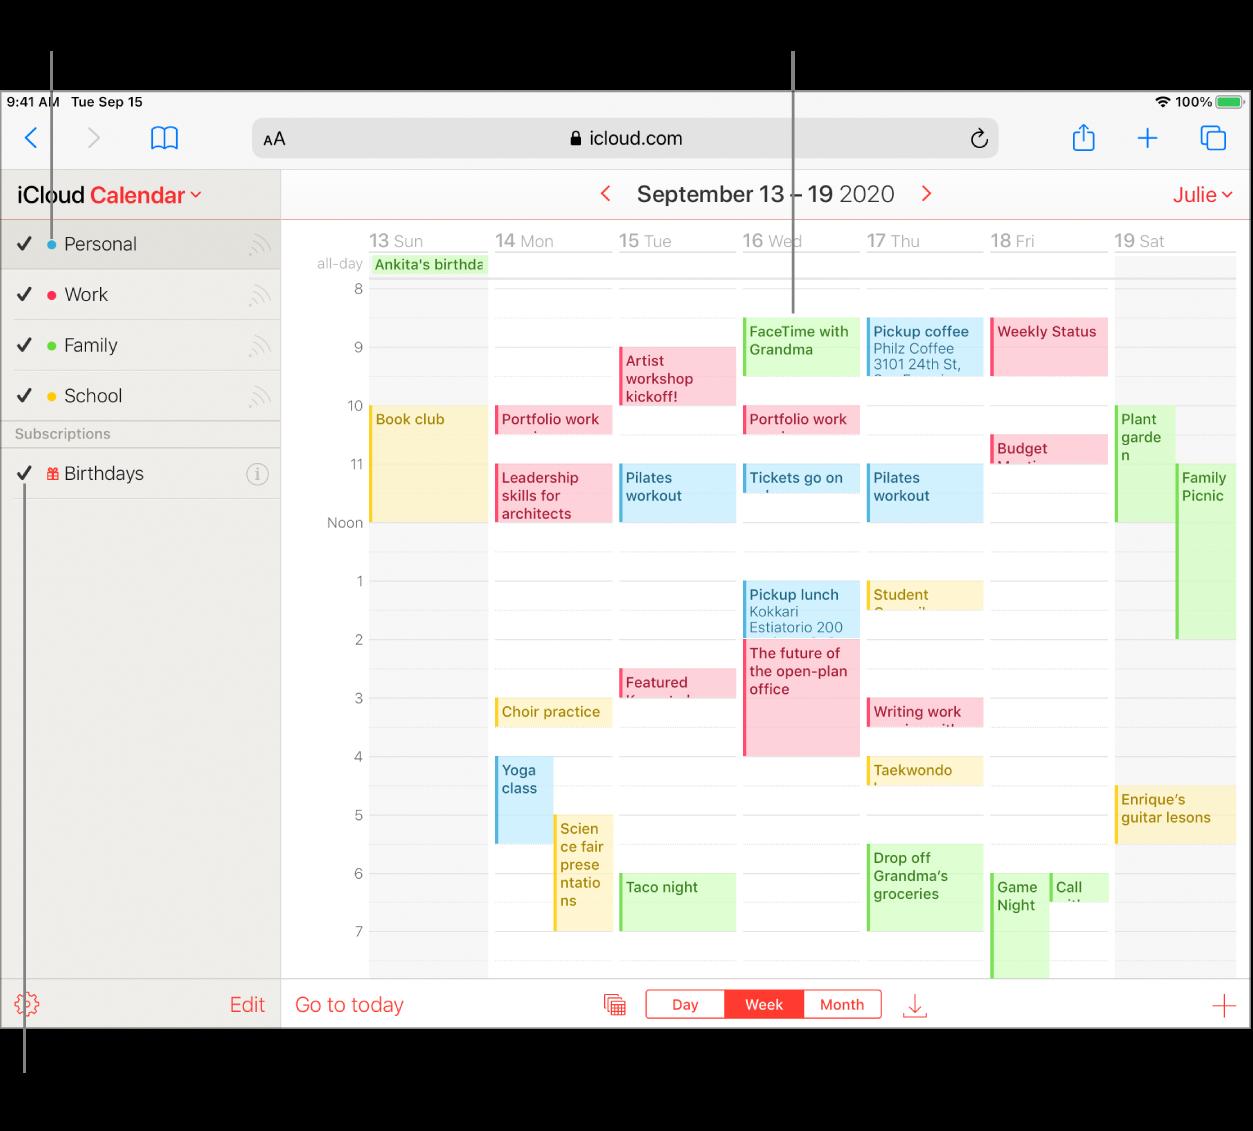 Okno Kalendáře na iCloudu sněkolika kalendáři. Přiřaďte jednotlivým kalendářům vlastní barvu. Barva události značí, ve kterém kalendáři se nachází. Kalendář zobrazíte nebo skryjete výběrem nebo zrušením zaškrtávacího pole.